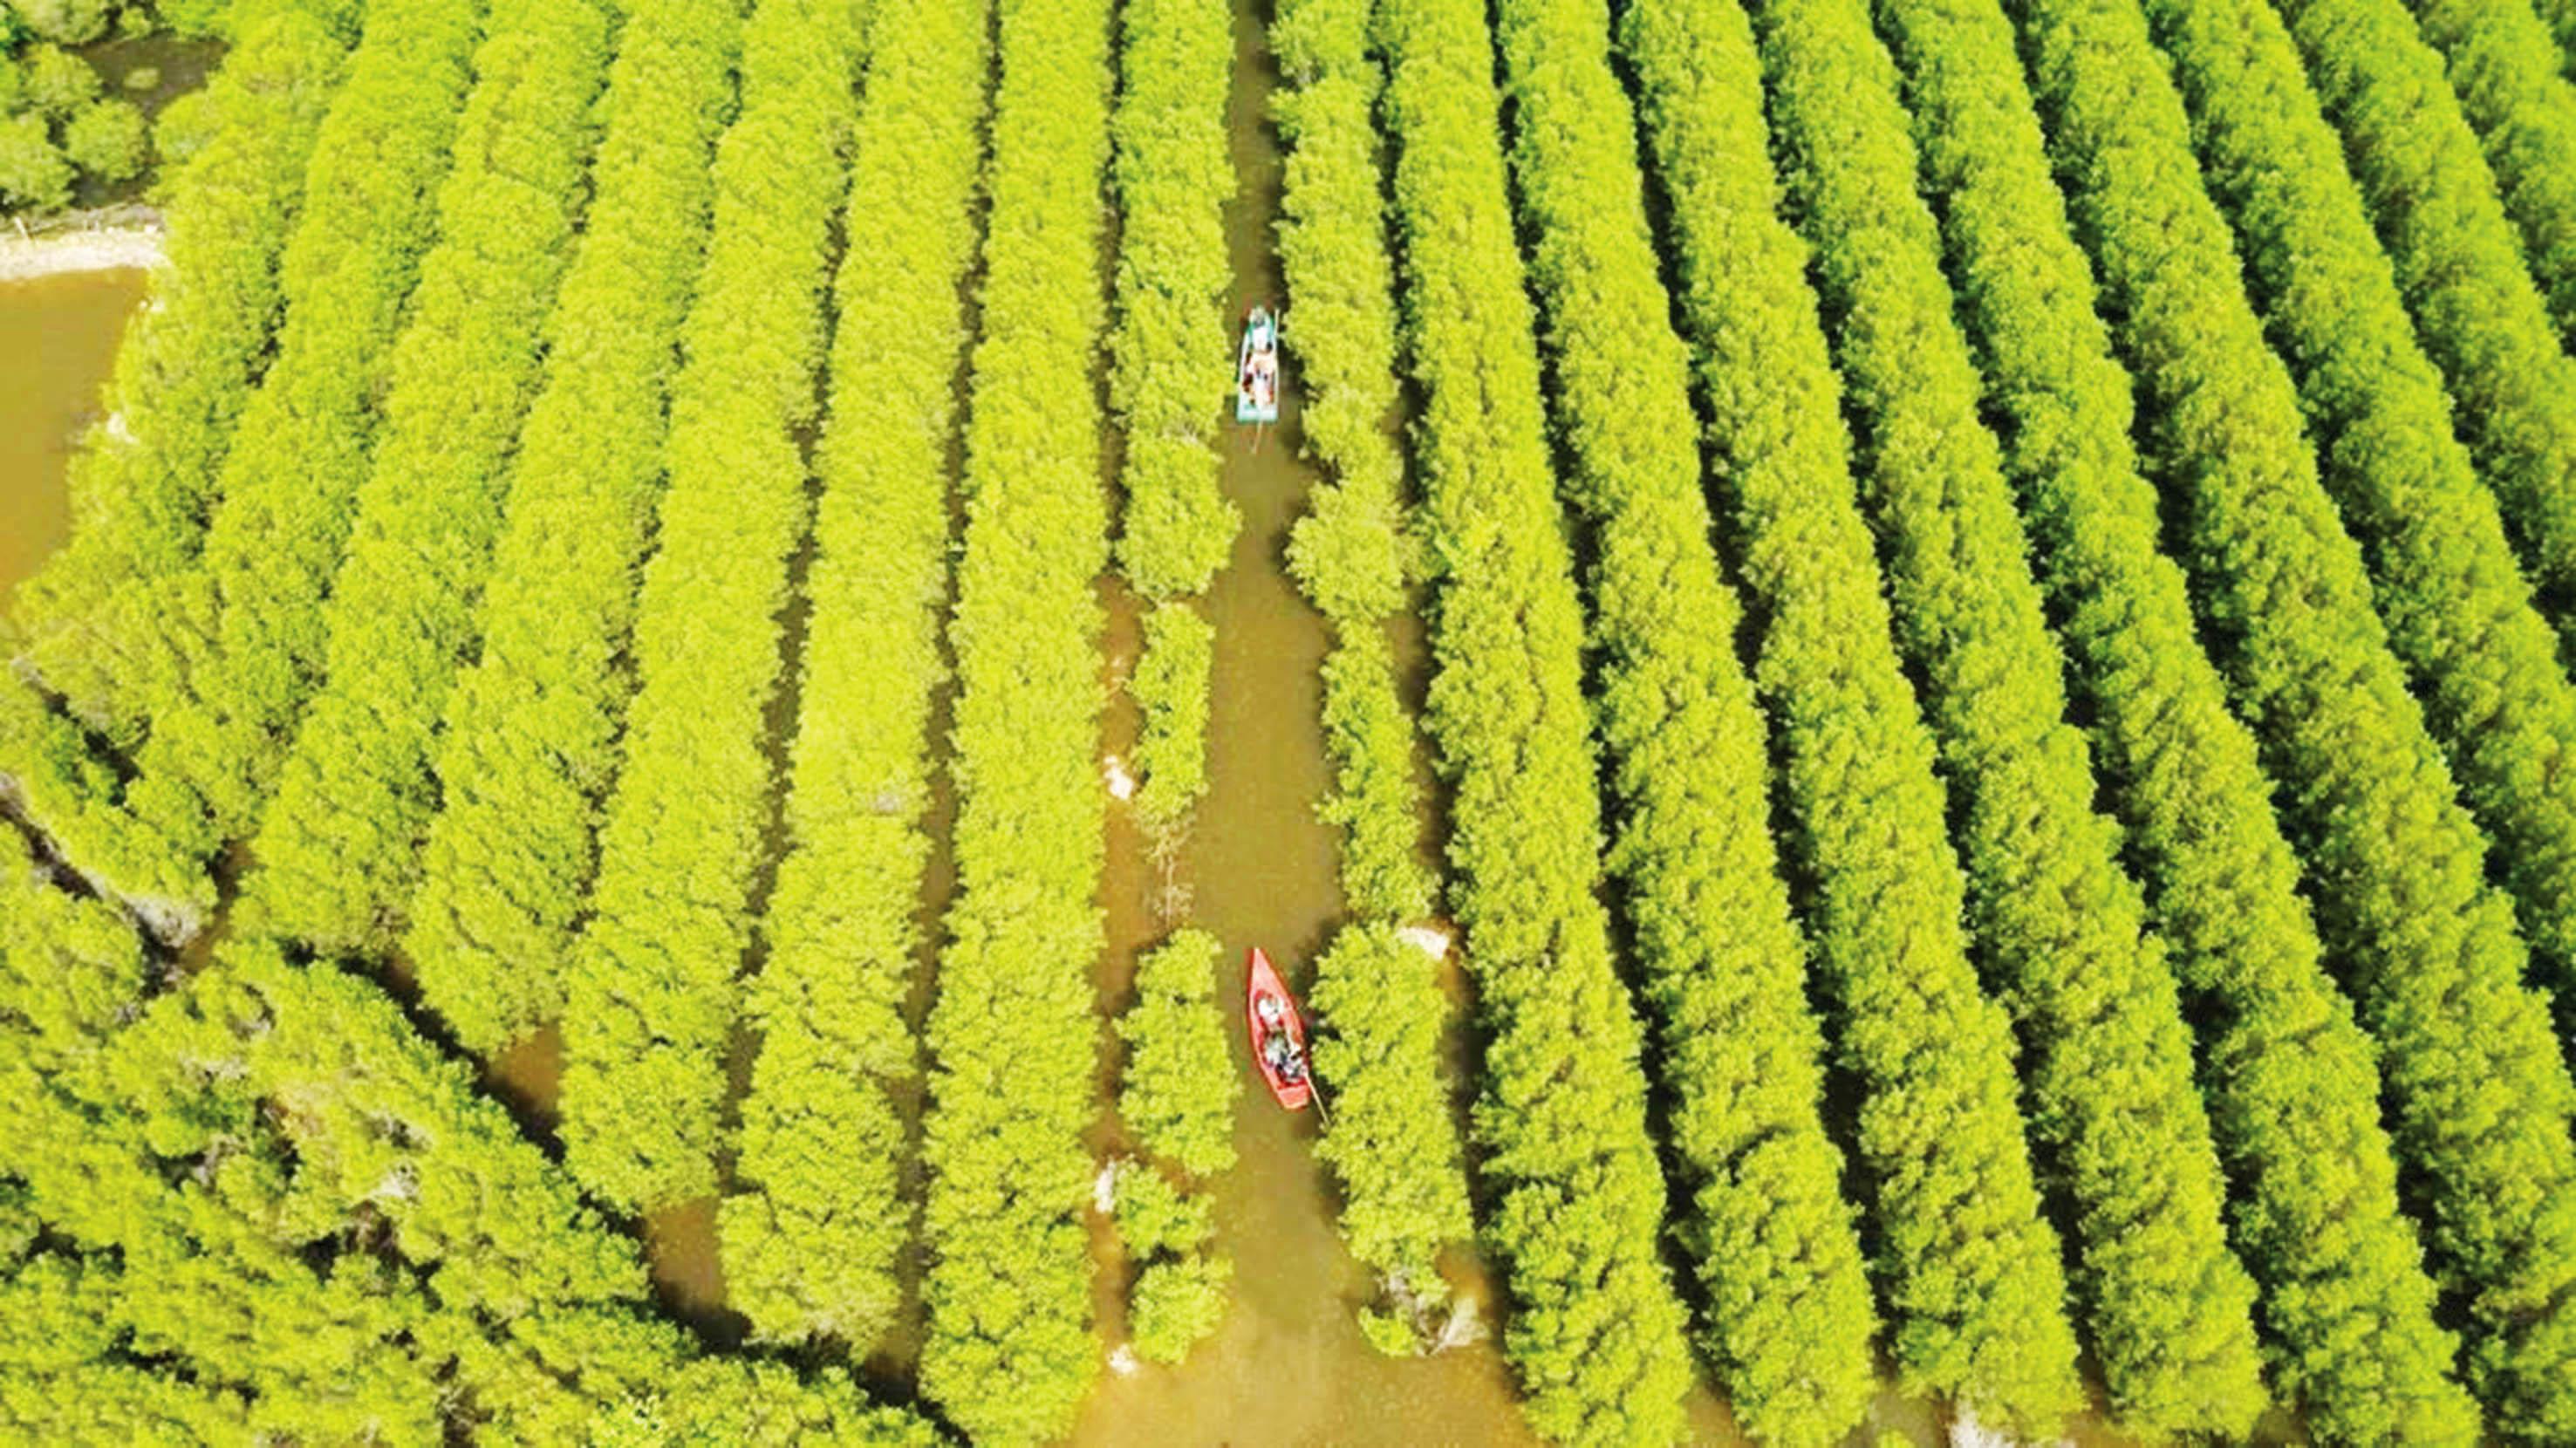 Cánh rừng ngập mặn bàu Cá Cái, hơn 80 ha trải dài tạo thành mảng xanh rộng lớn khi nhìn từ trên cao.